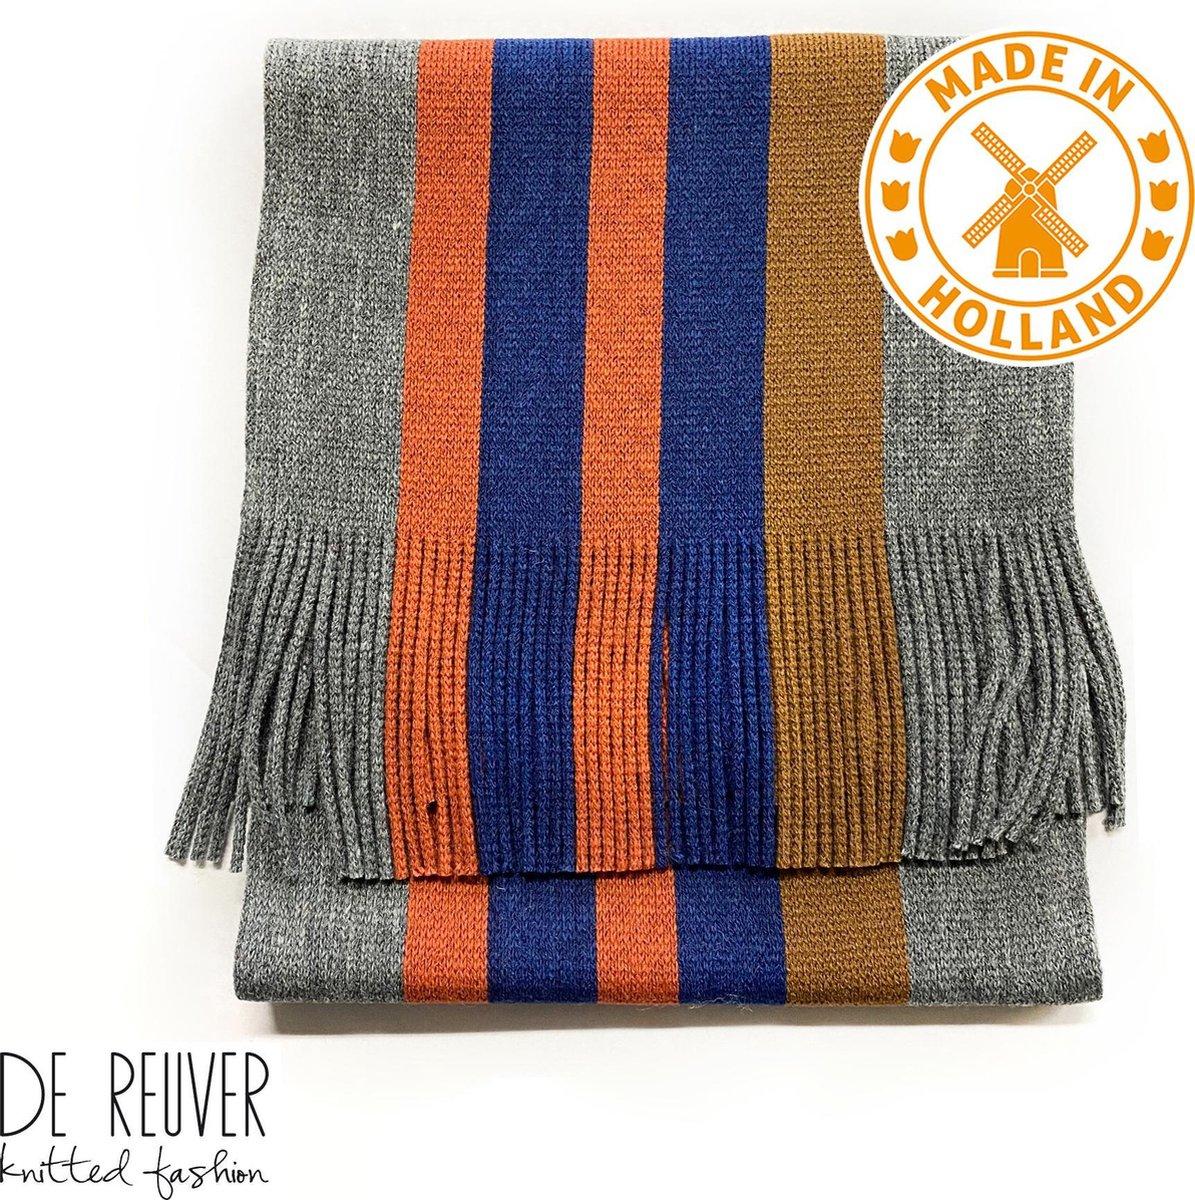 De Reuver Knitted Fashion HEREN SJAAL 100% NEDERLANDS (203)